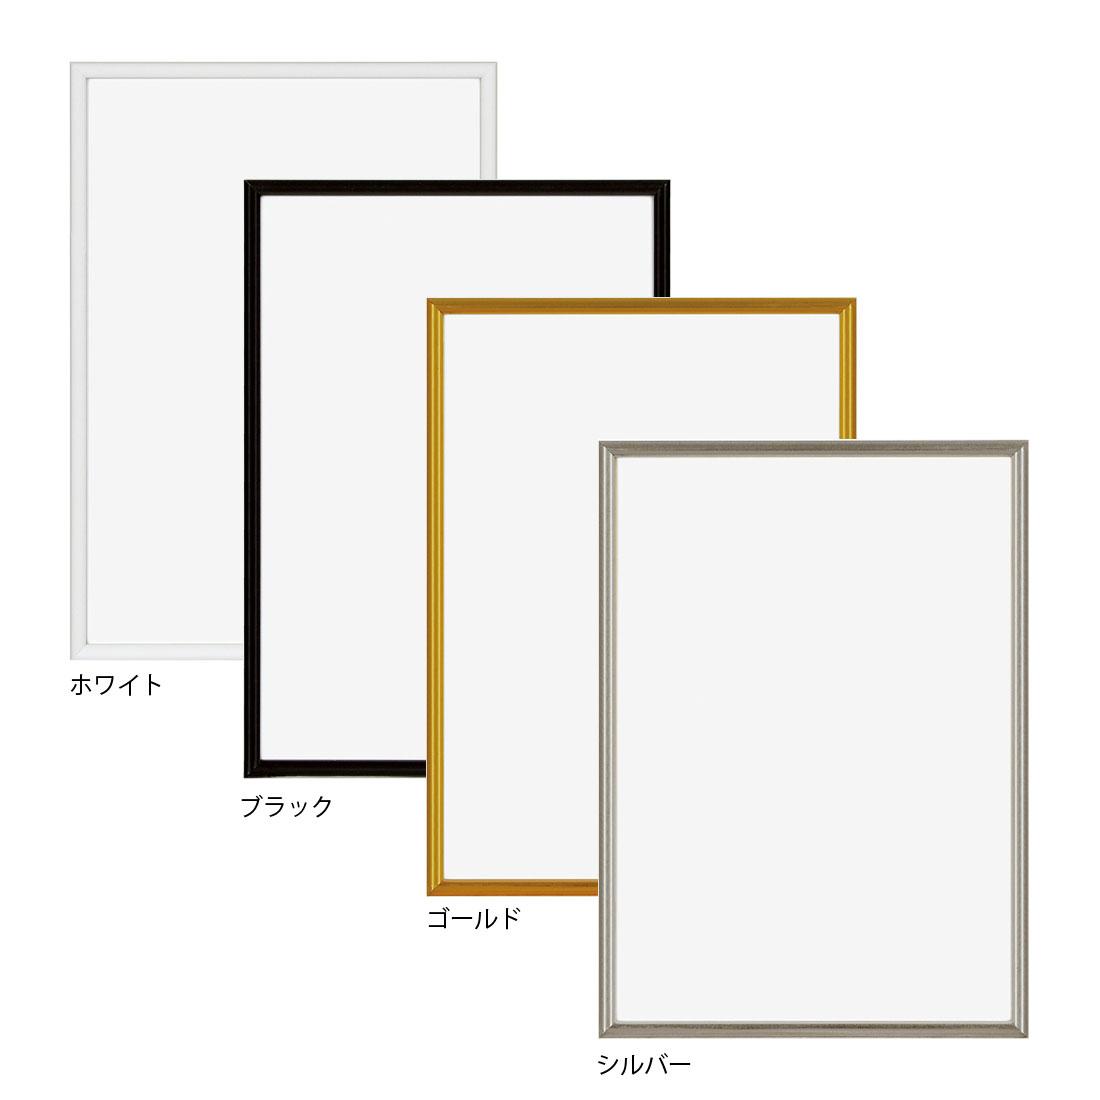 アルミフレーム・アルミパネル/オープンフレーム 変形菊全サイズ(600×900mm)